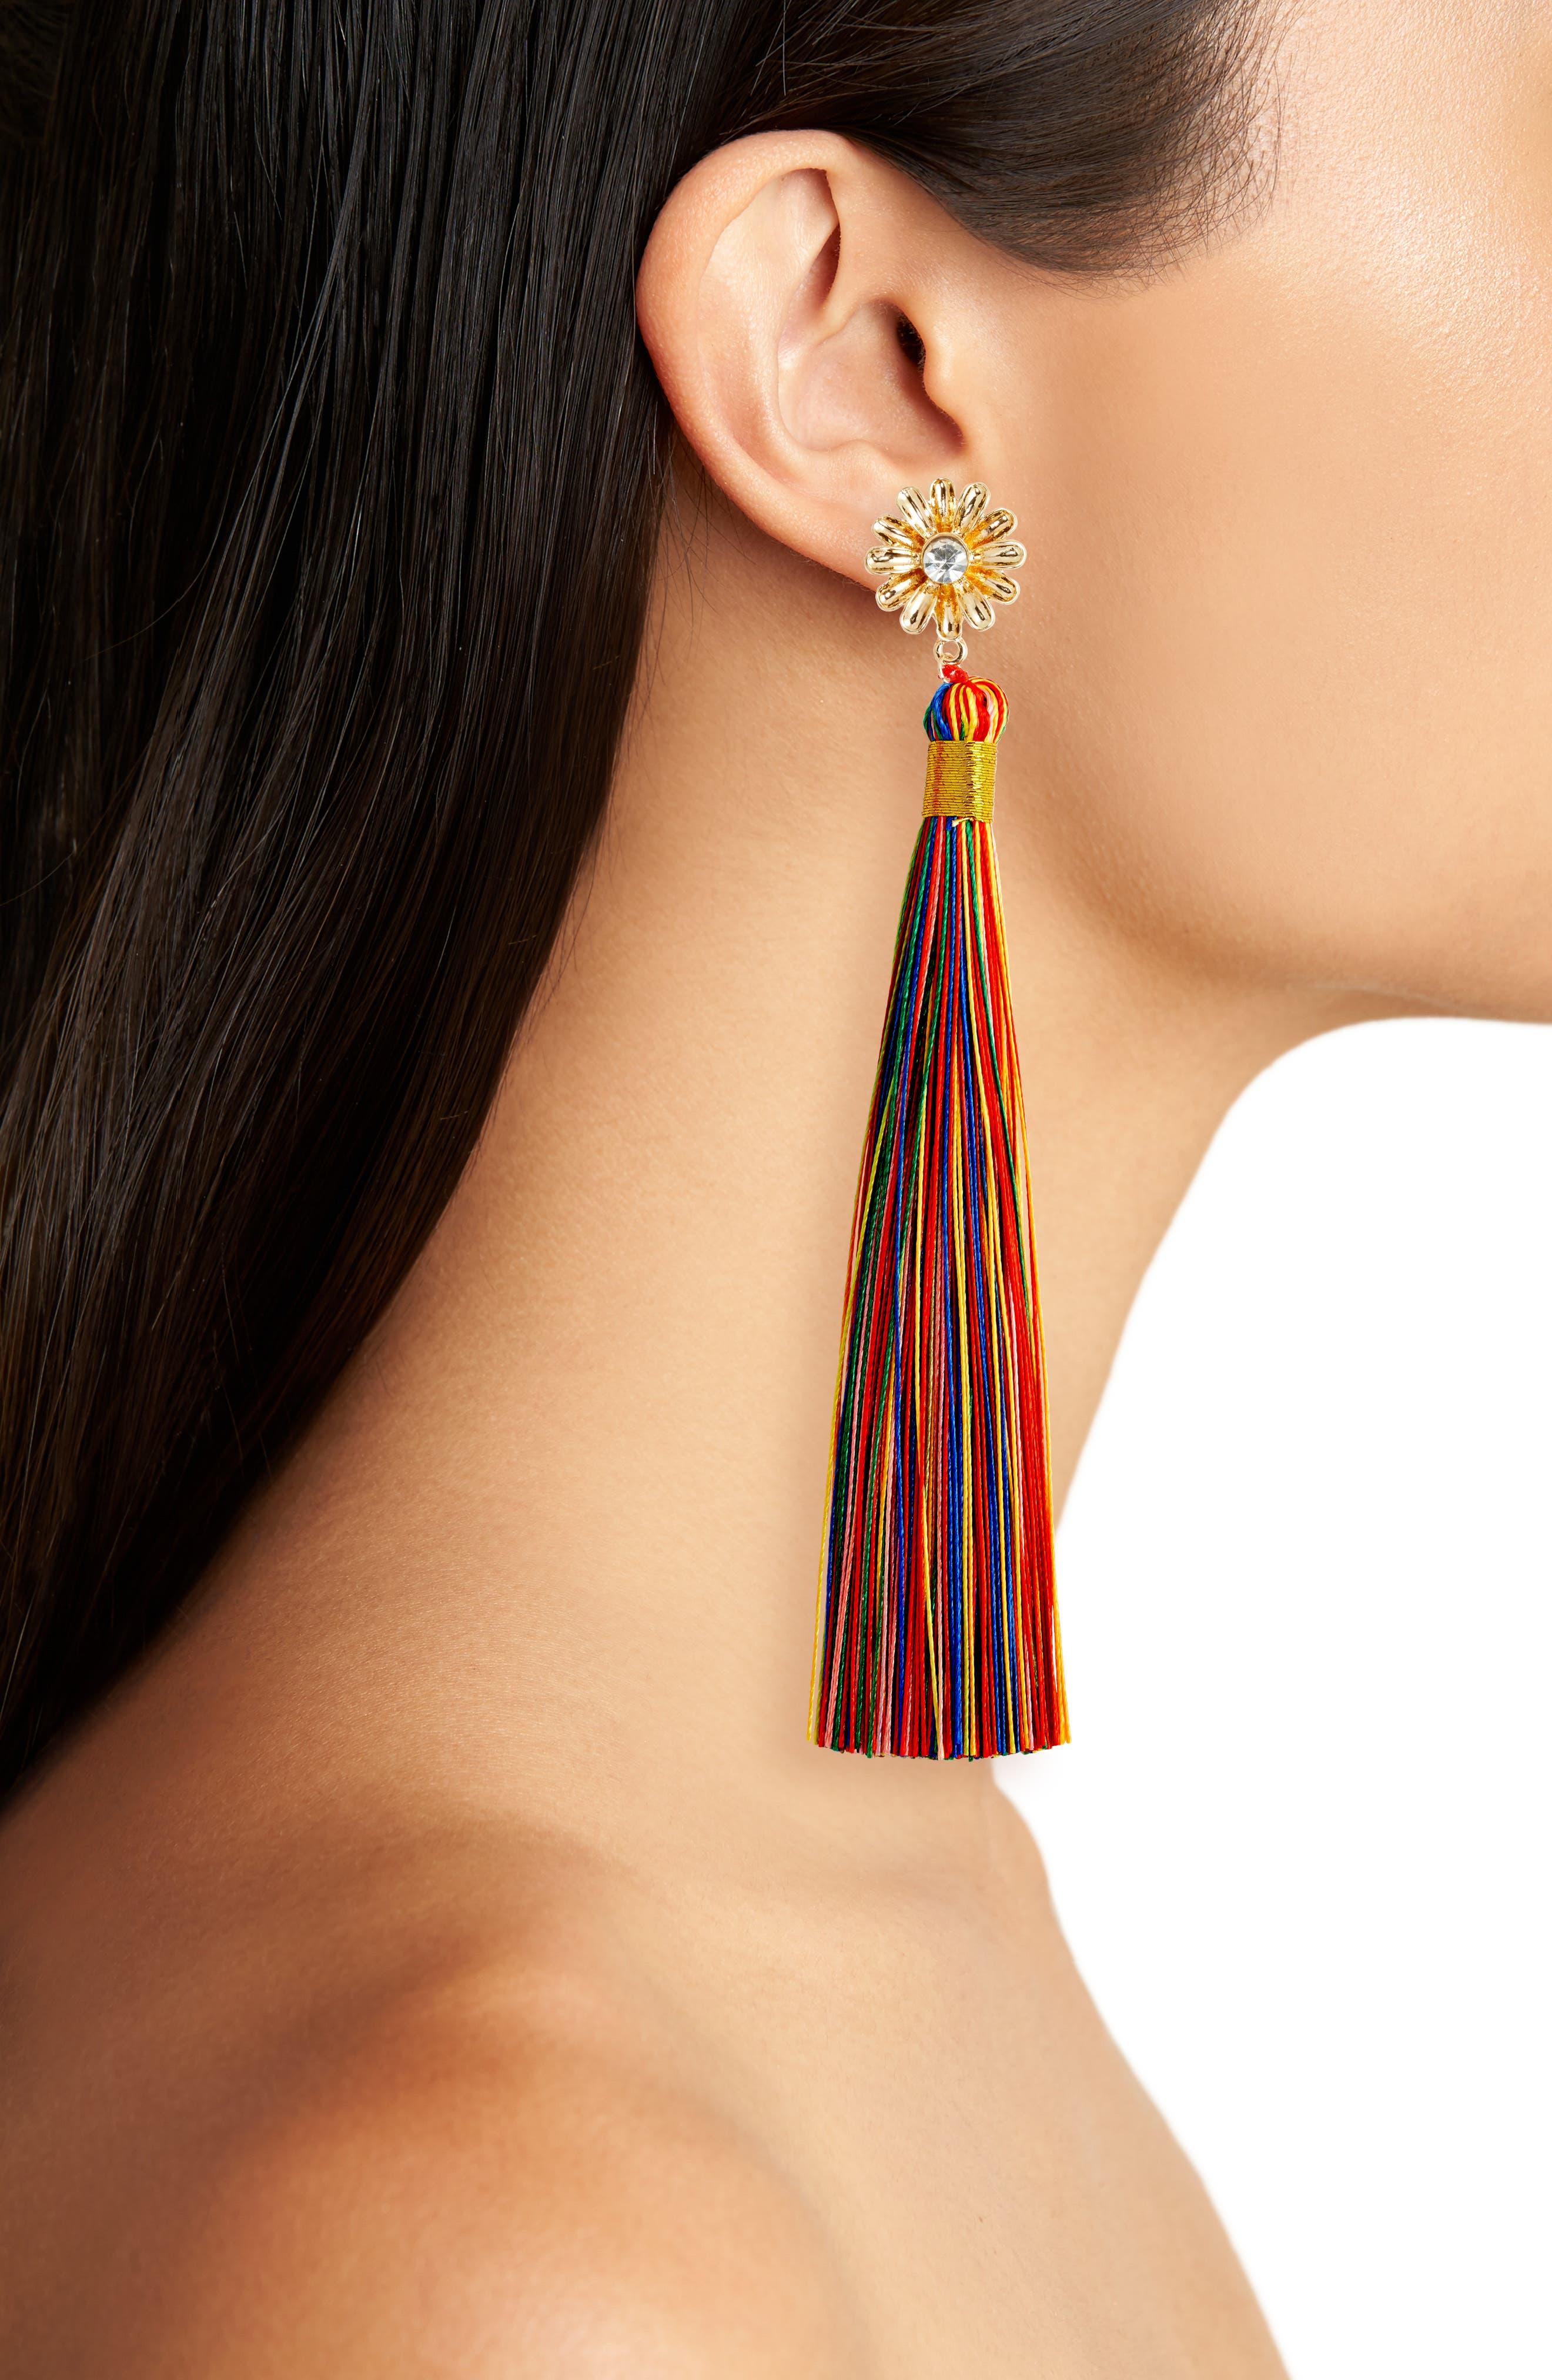 Dolce Tassel Earrings,                             Alternate thumbnail 2, color,                             GOLD/ MULTI